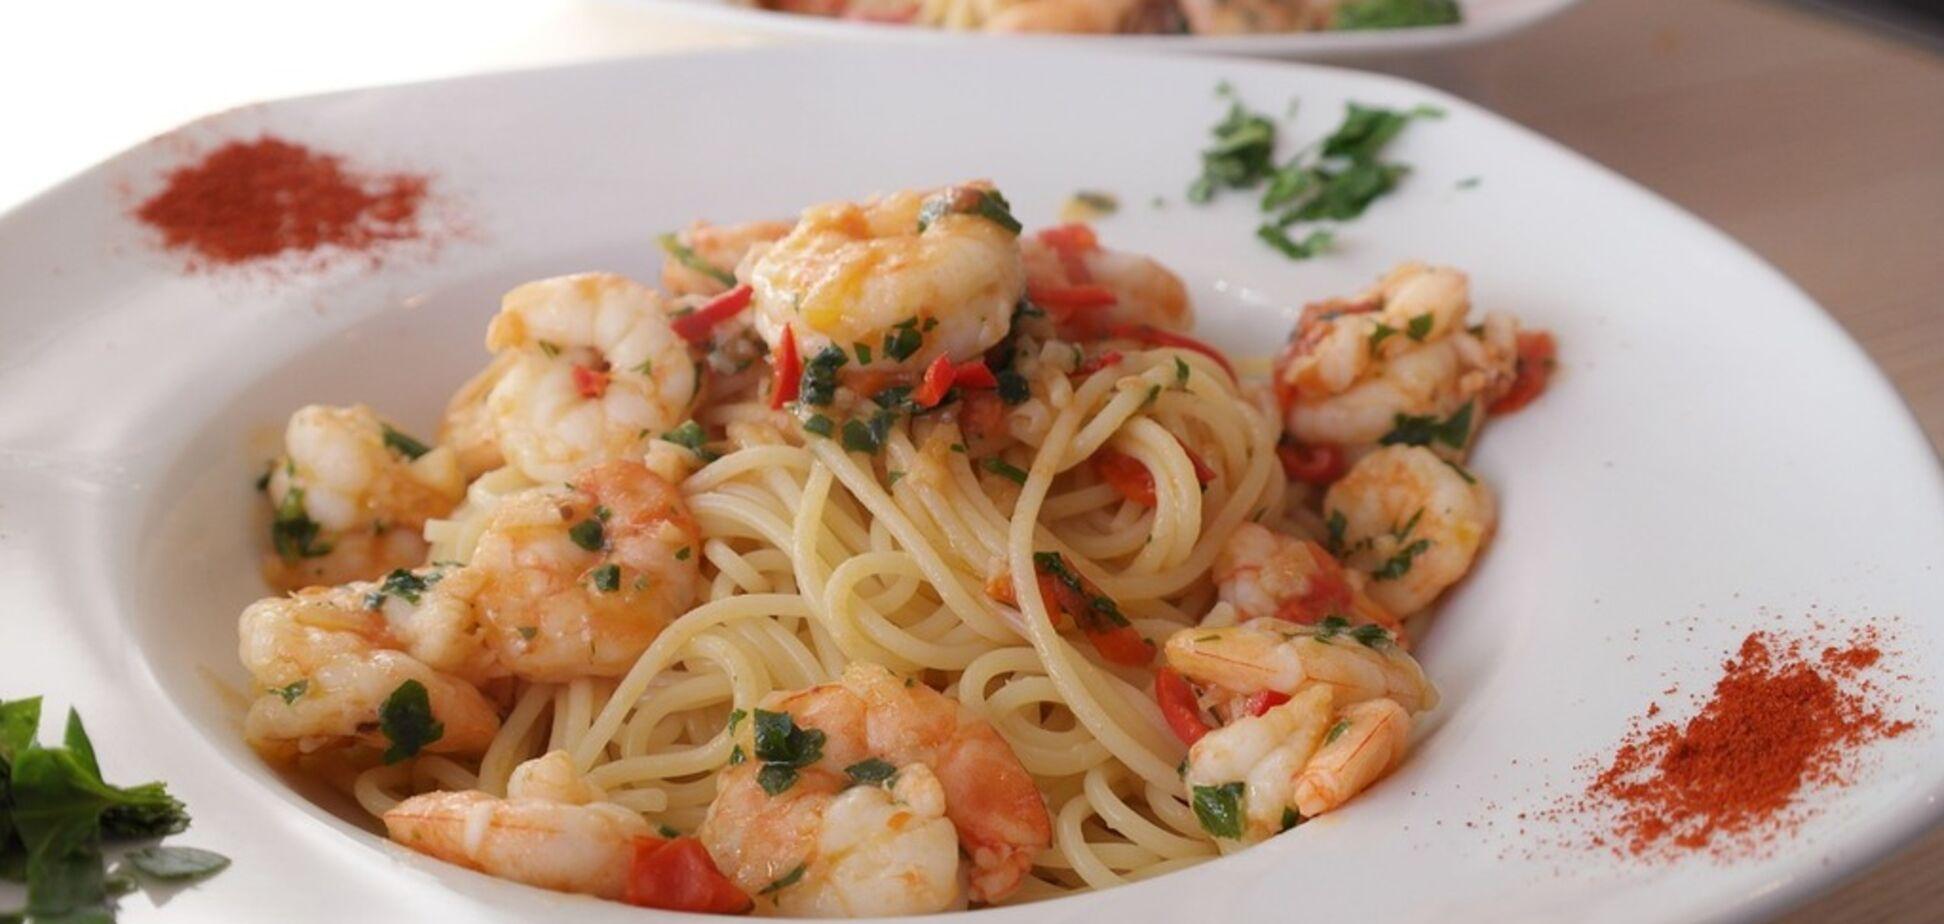 Паста с креветками за 15 минут: простой рецепт удивительного блюда от ресторатора